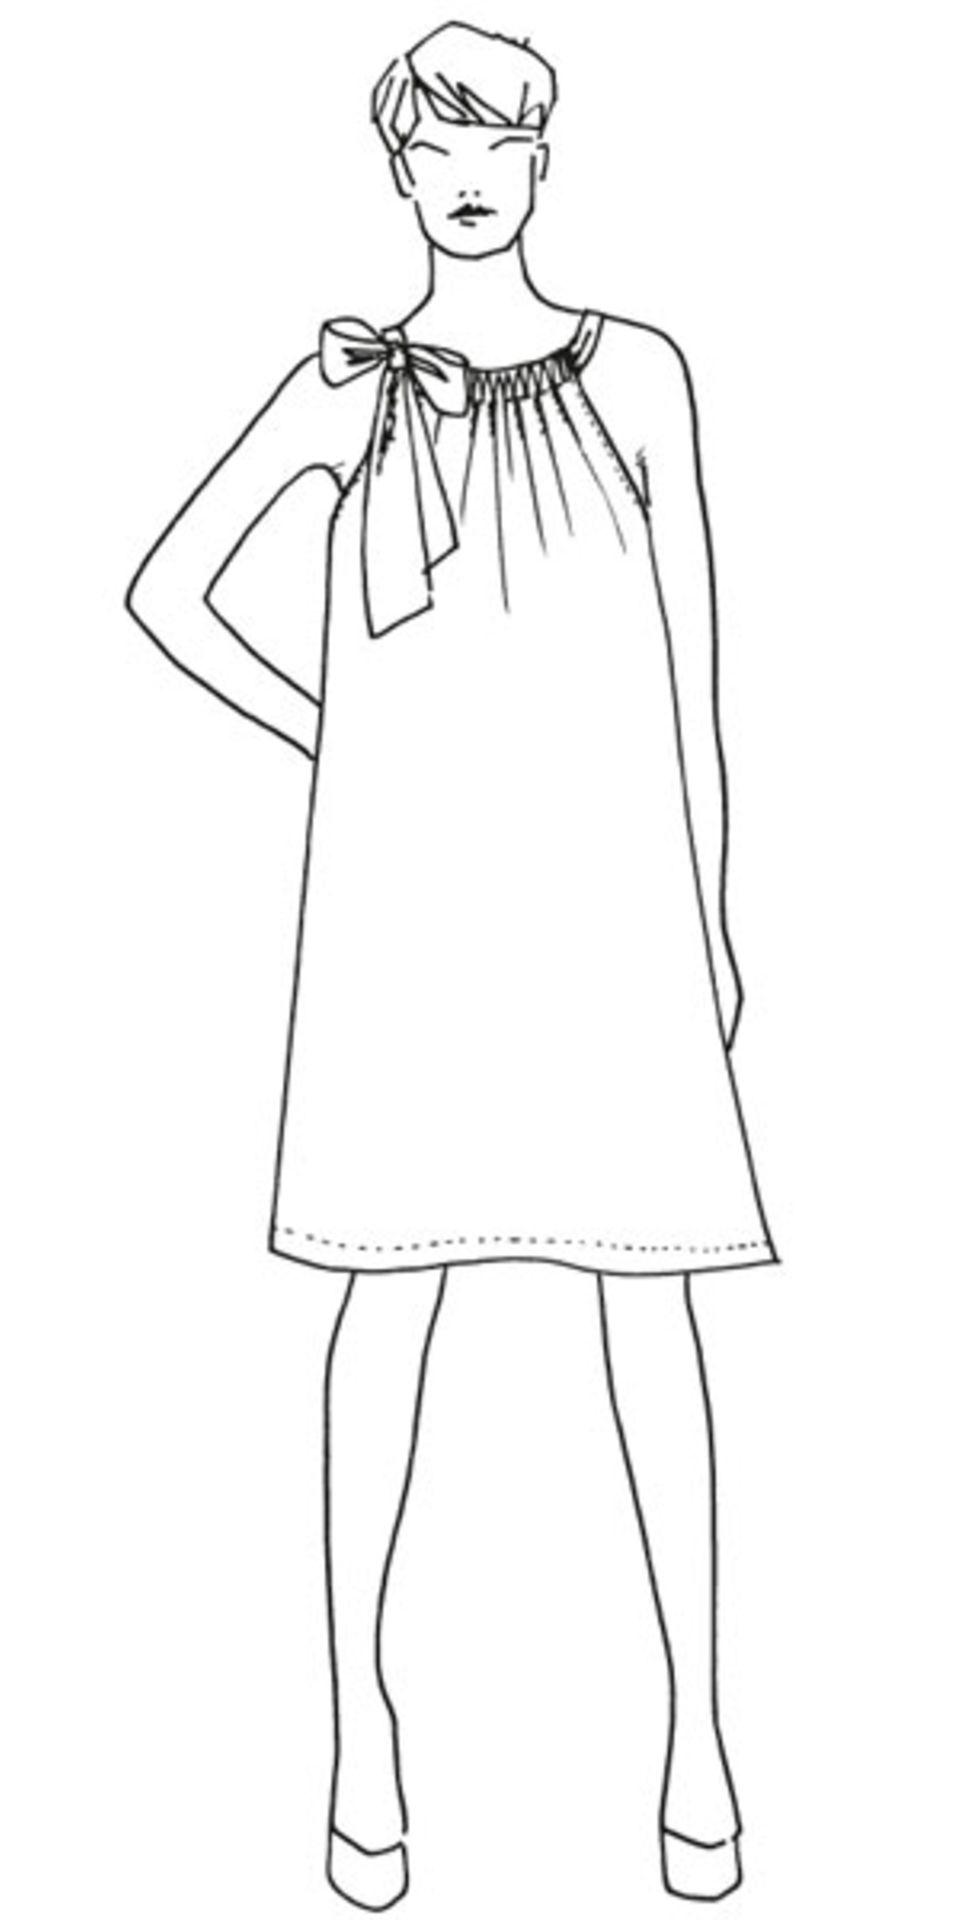 Ärmelloses Kleid nähen - eine Anleitung